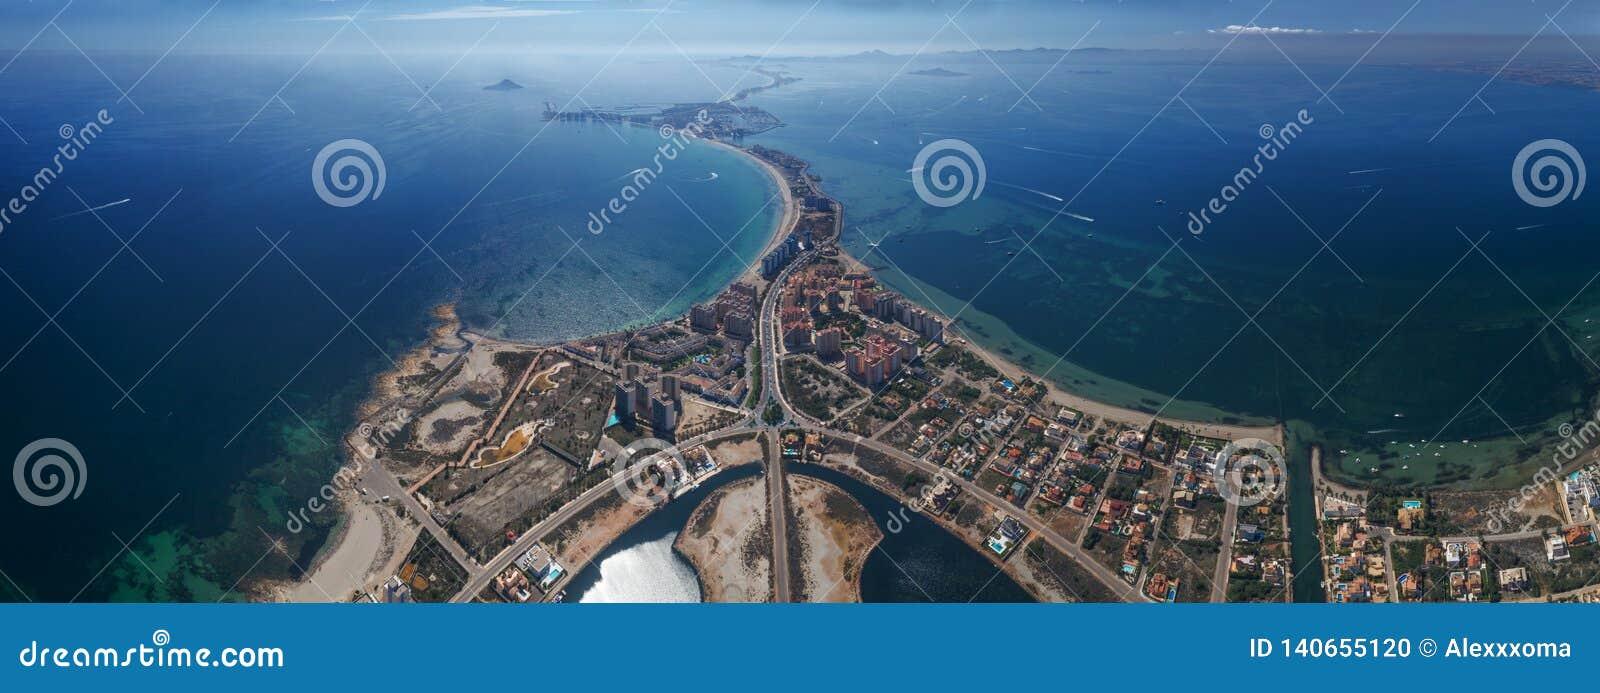 Flyg- panorama- foto av byggnader, villor och stranden på ett naturligt som spottas av La Manga mellan det medelhavs- och Mars